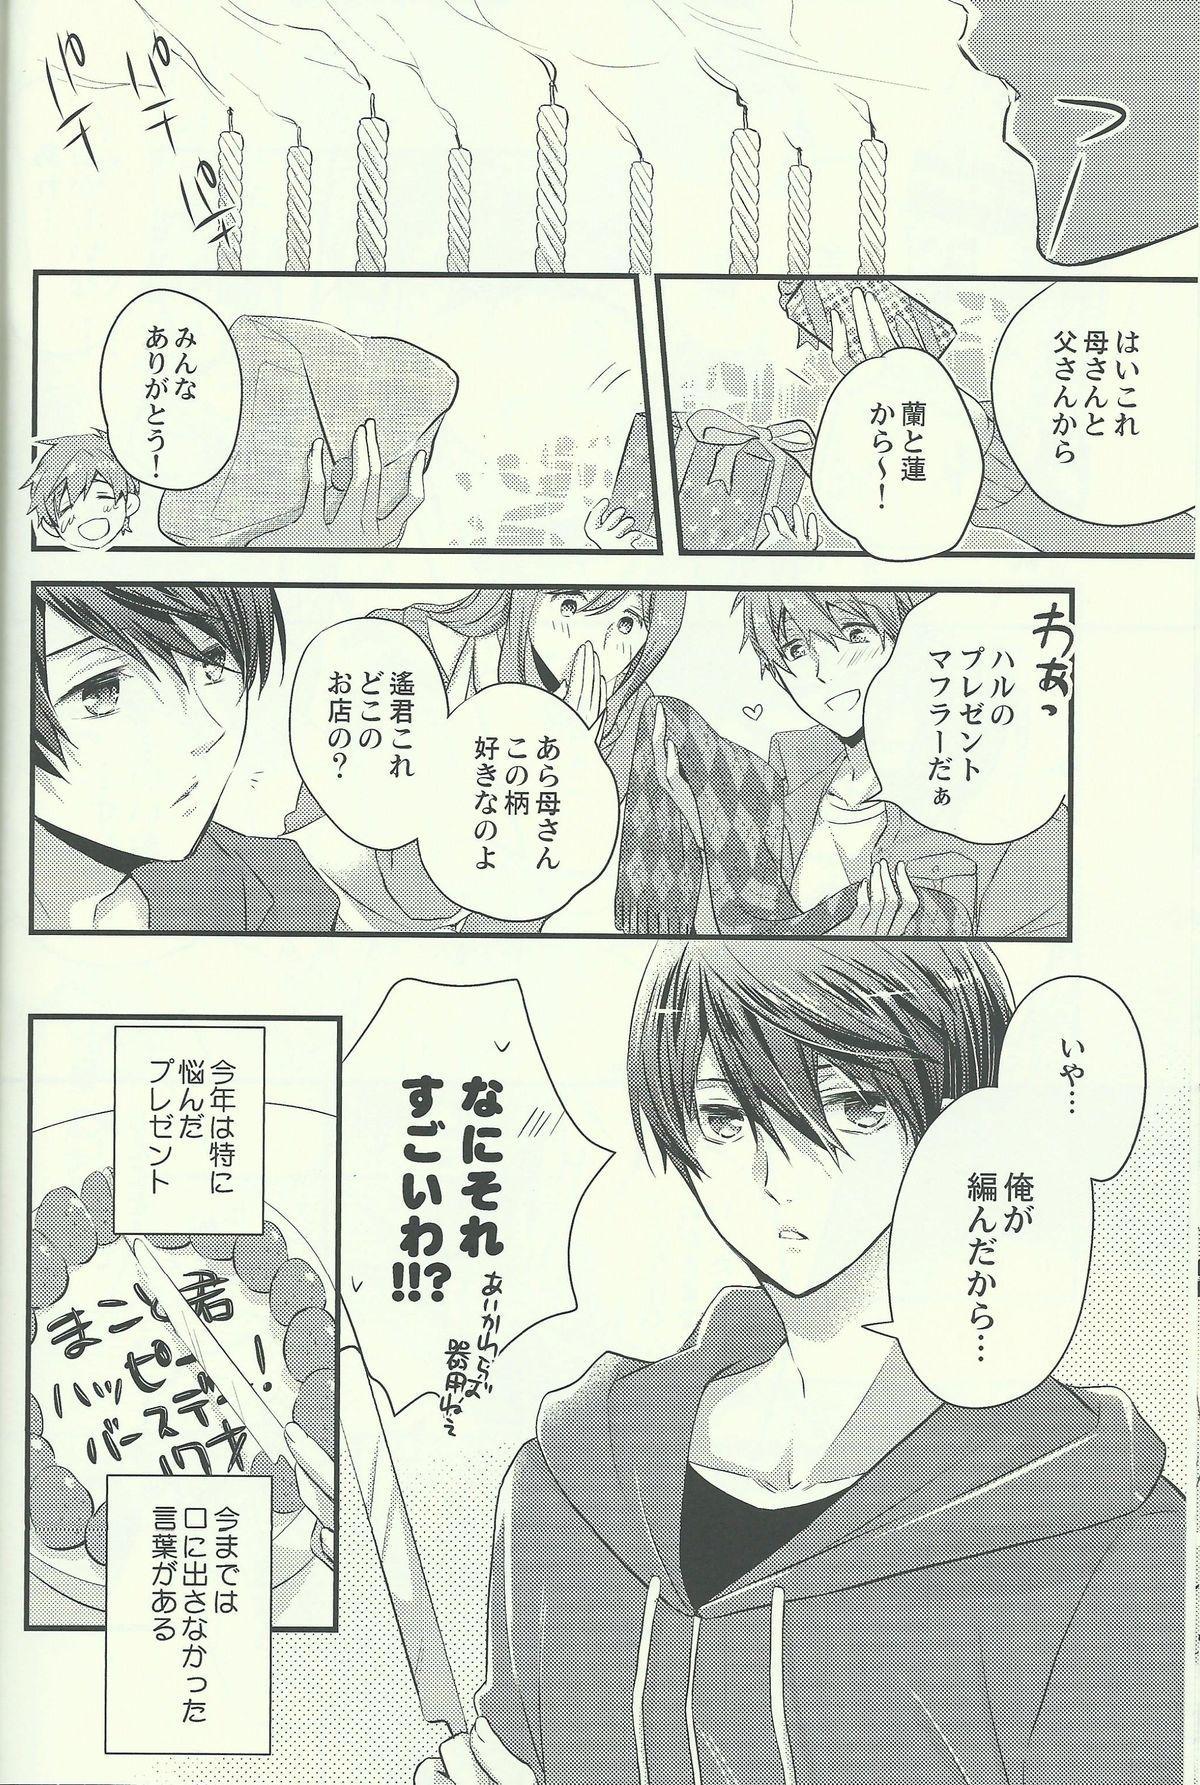 Ichinen de Ichiban Taisetsuna hi 15